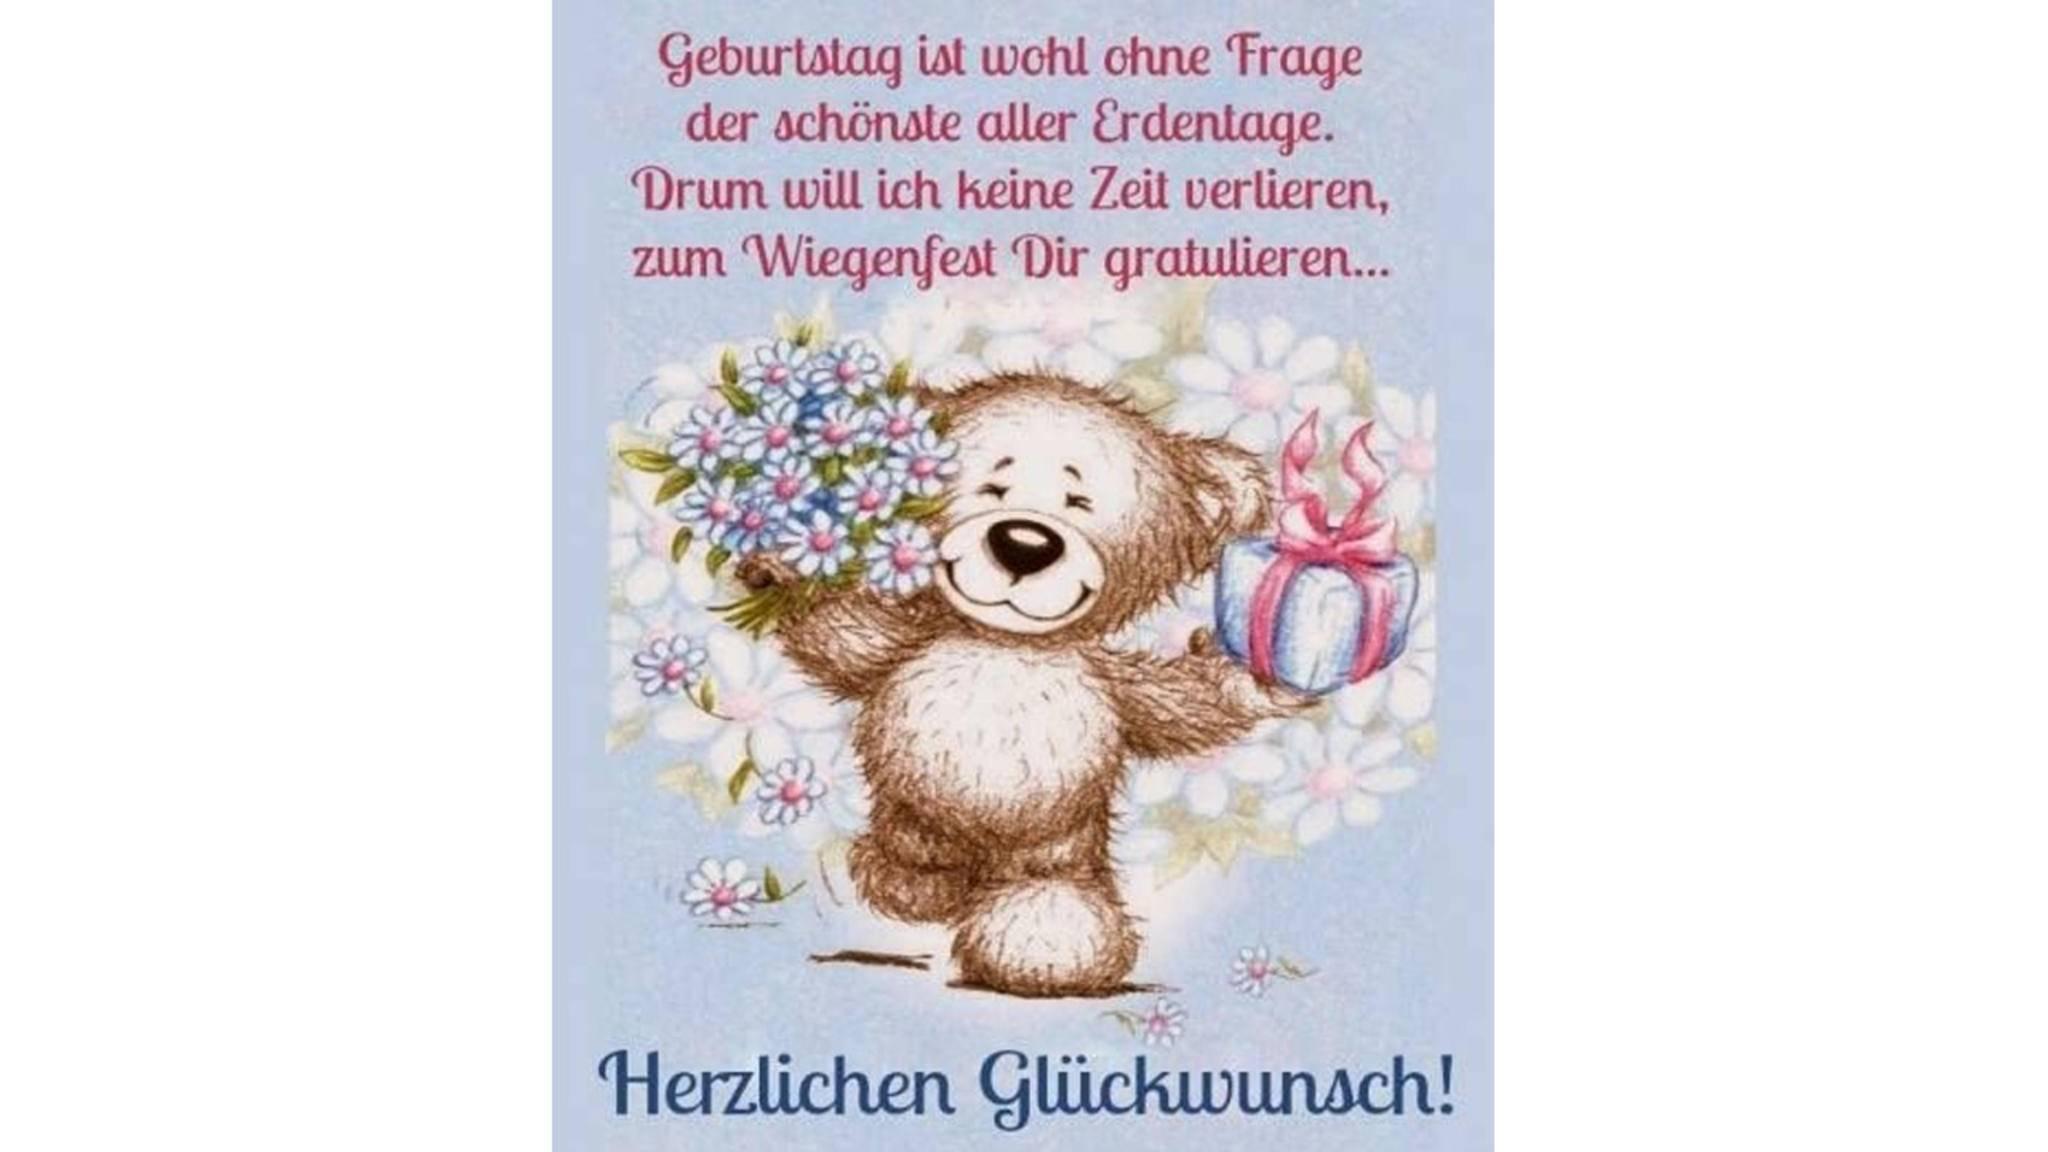 Whatsapp Sprüche Geburtstag